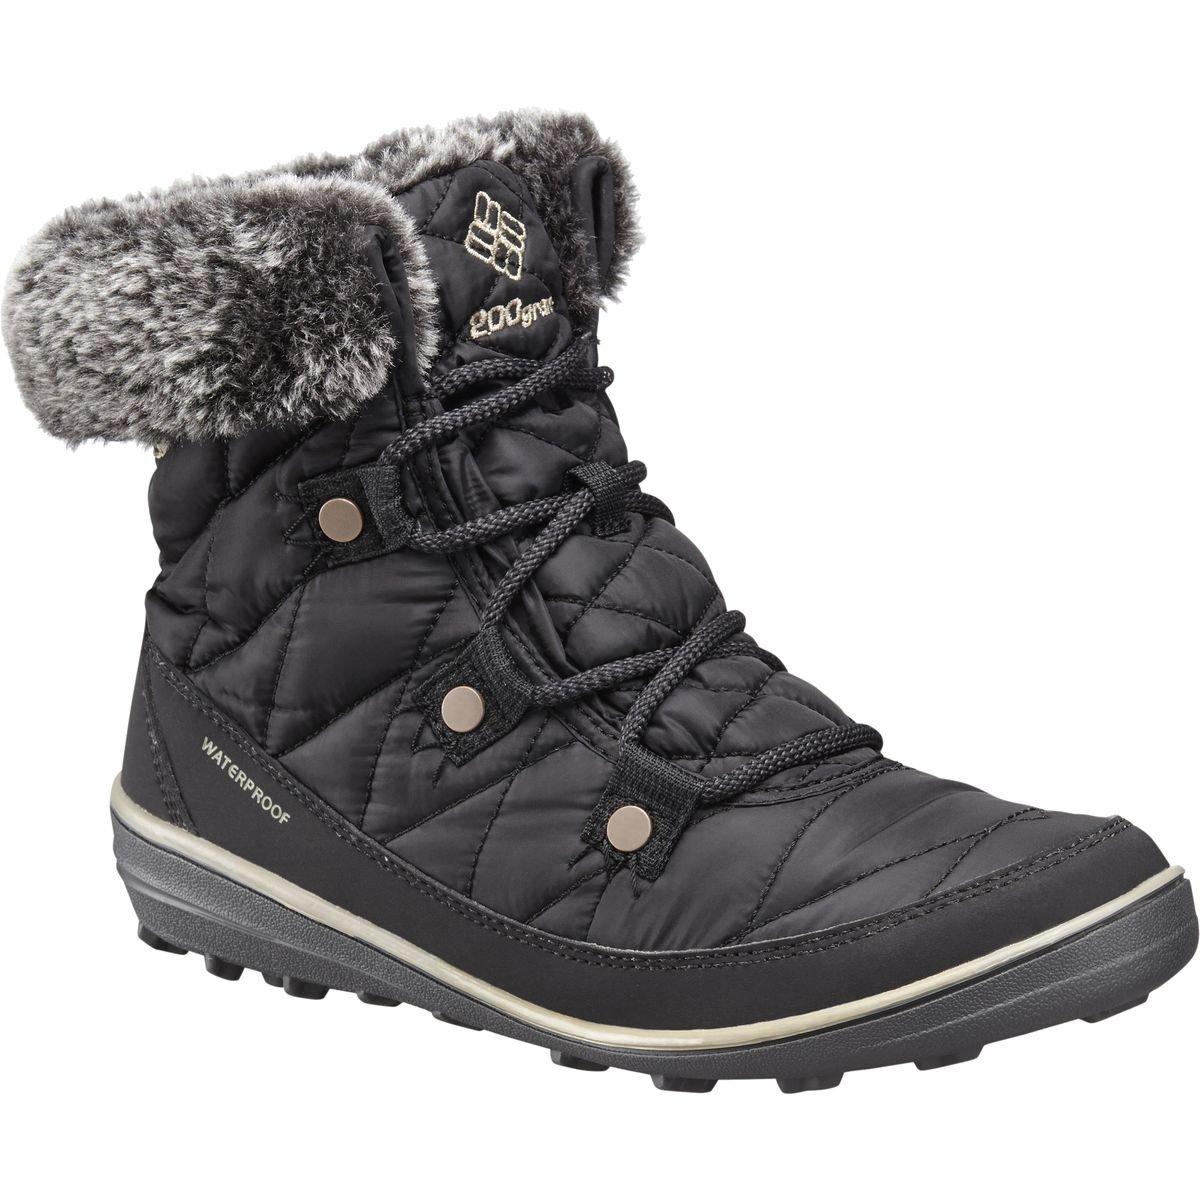 Columbia Heavenly Shorty Schuhes Damens Omni-Heat schwarz/Kettle Größe 37 2017 Stiefel -